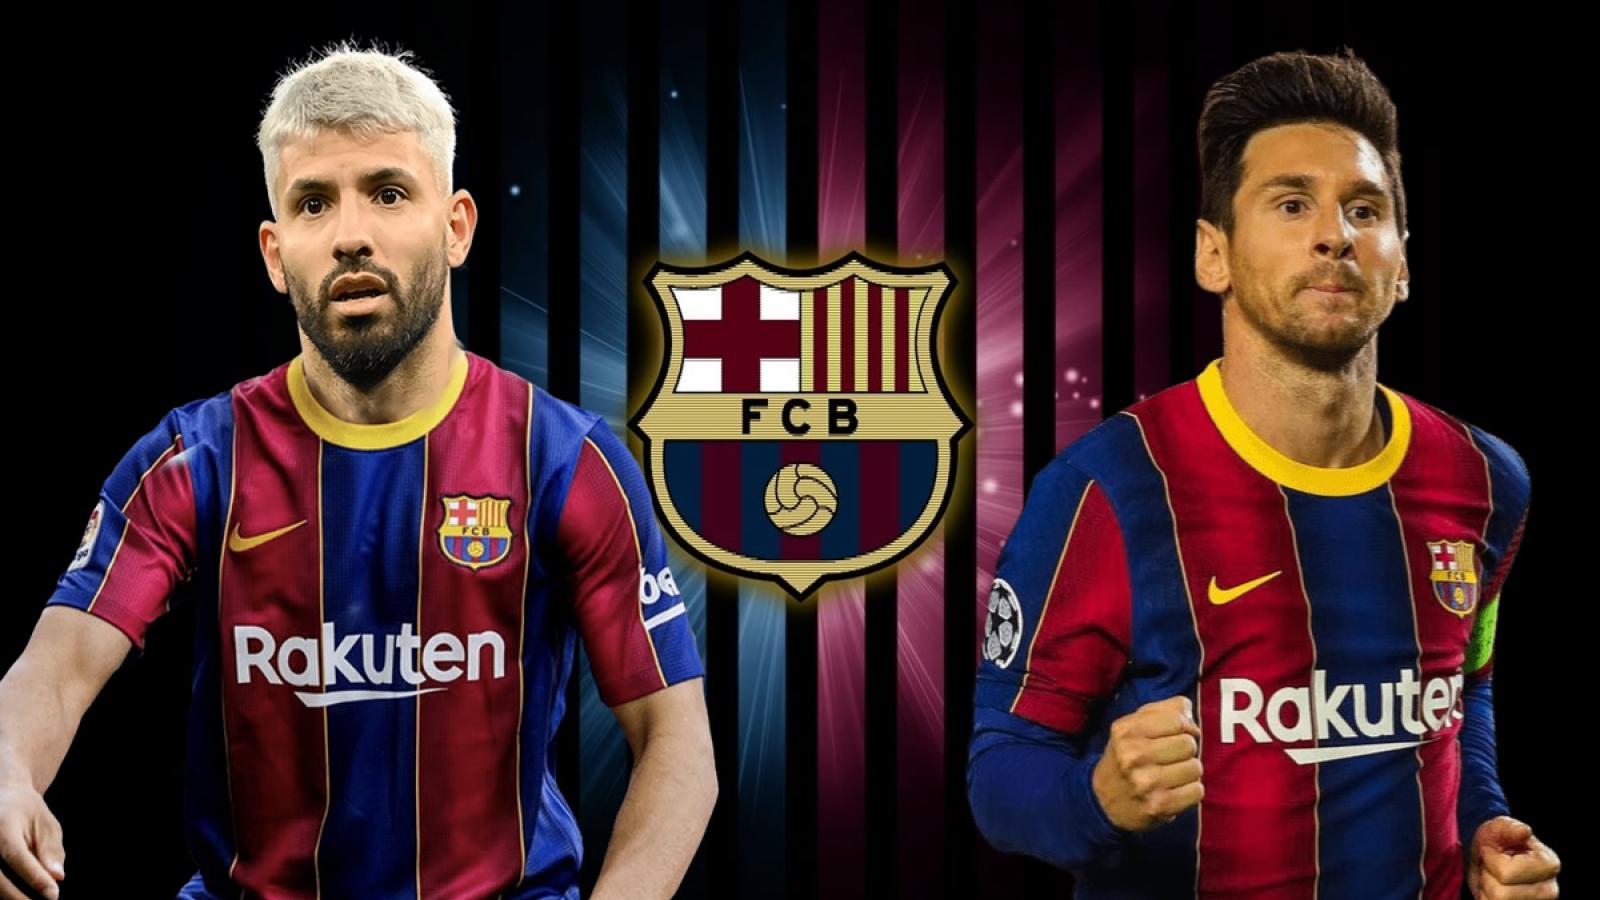 """Messi, Aguero và đội hình """"siêu tấn công"""" của Barca ở mùa giải tới"""